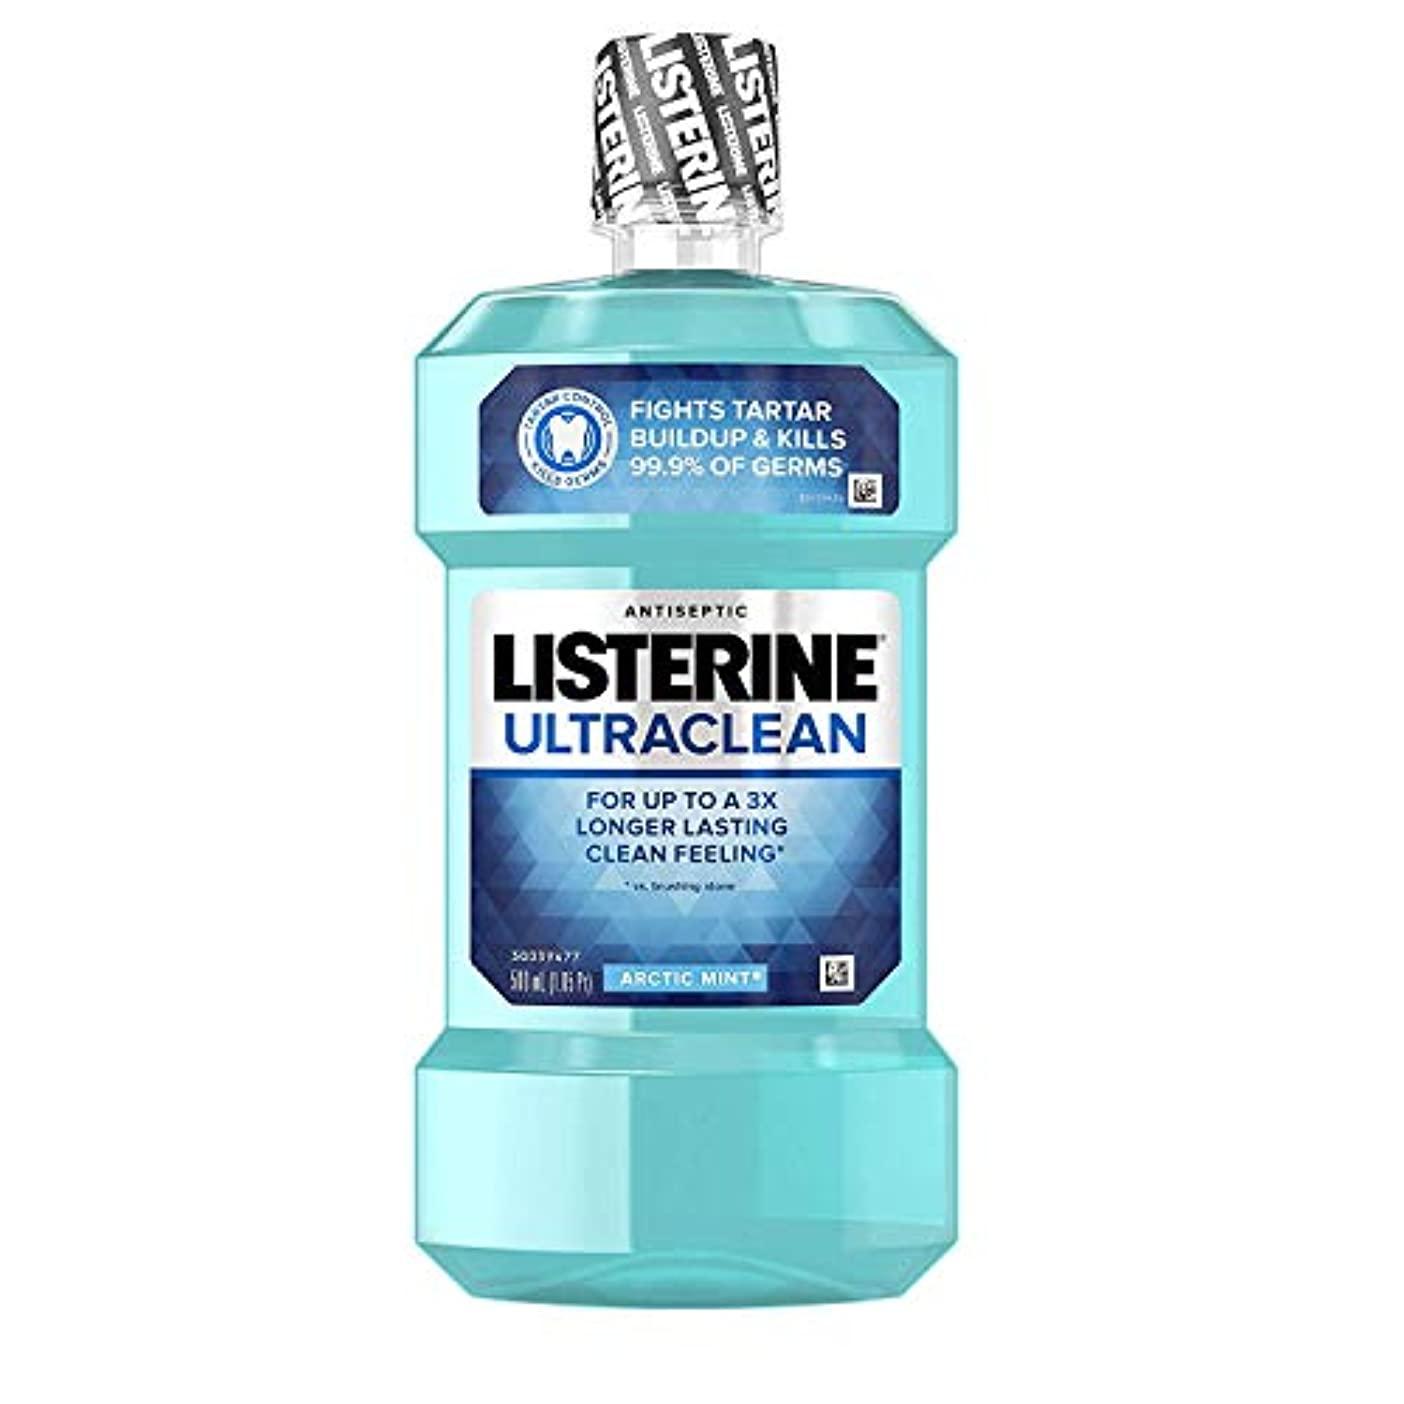 出身地リング農業Listerine ウルトラクリーン消毒うがい薬北極ミント - 16.9オズ、6パック